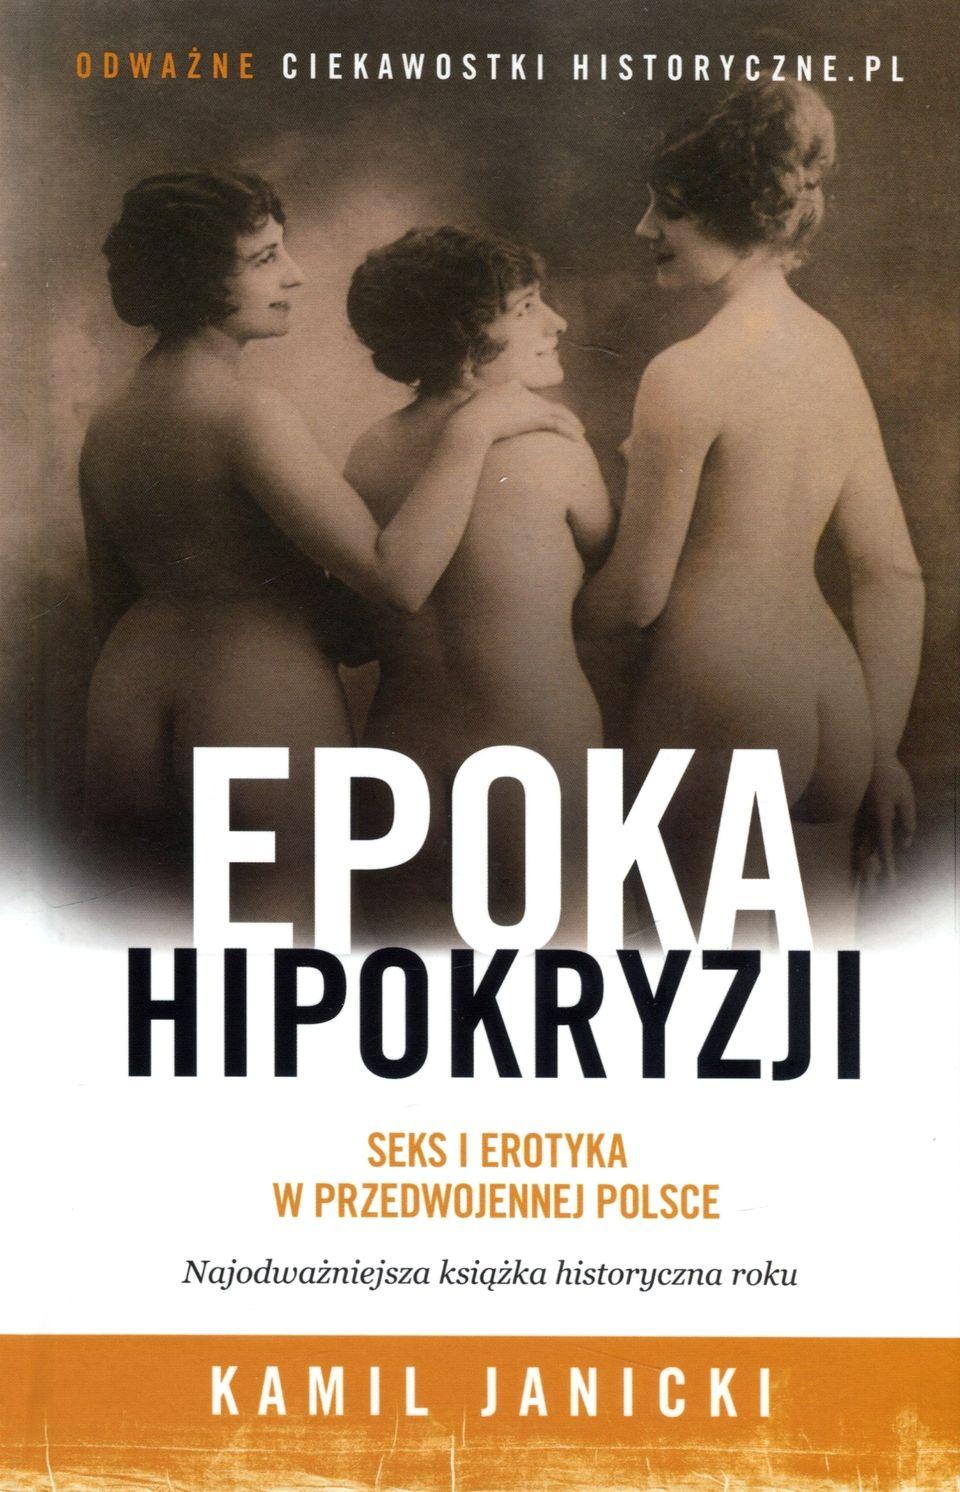 """Artykuł powstał w oparciu o książkę Kamila Janickiego pt. """"Epoka hipokryzji. Seks i erotyka w przedwojennej Polsce""""."""